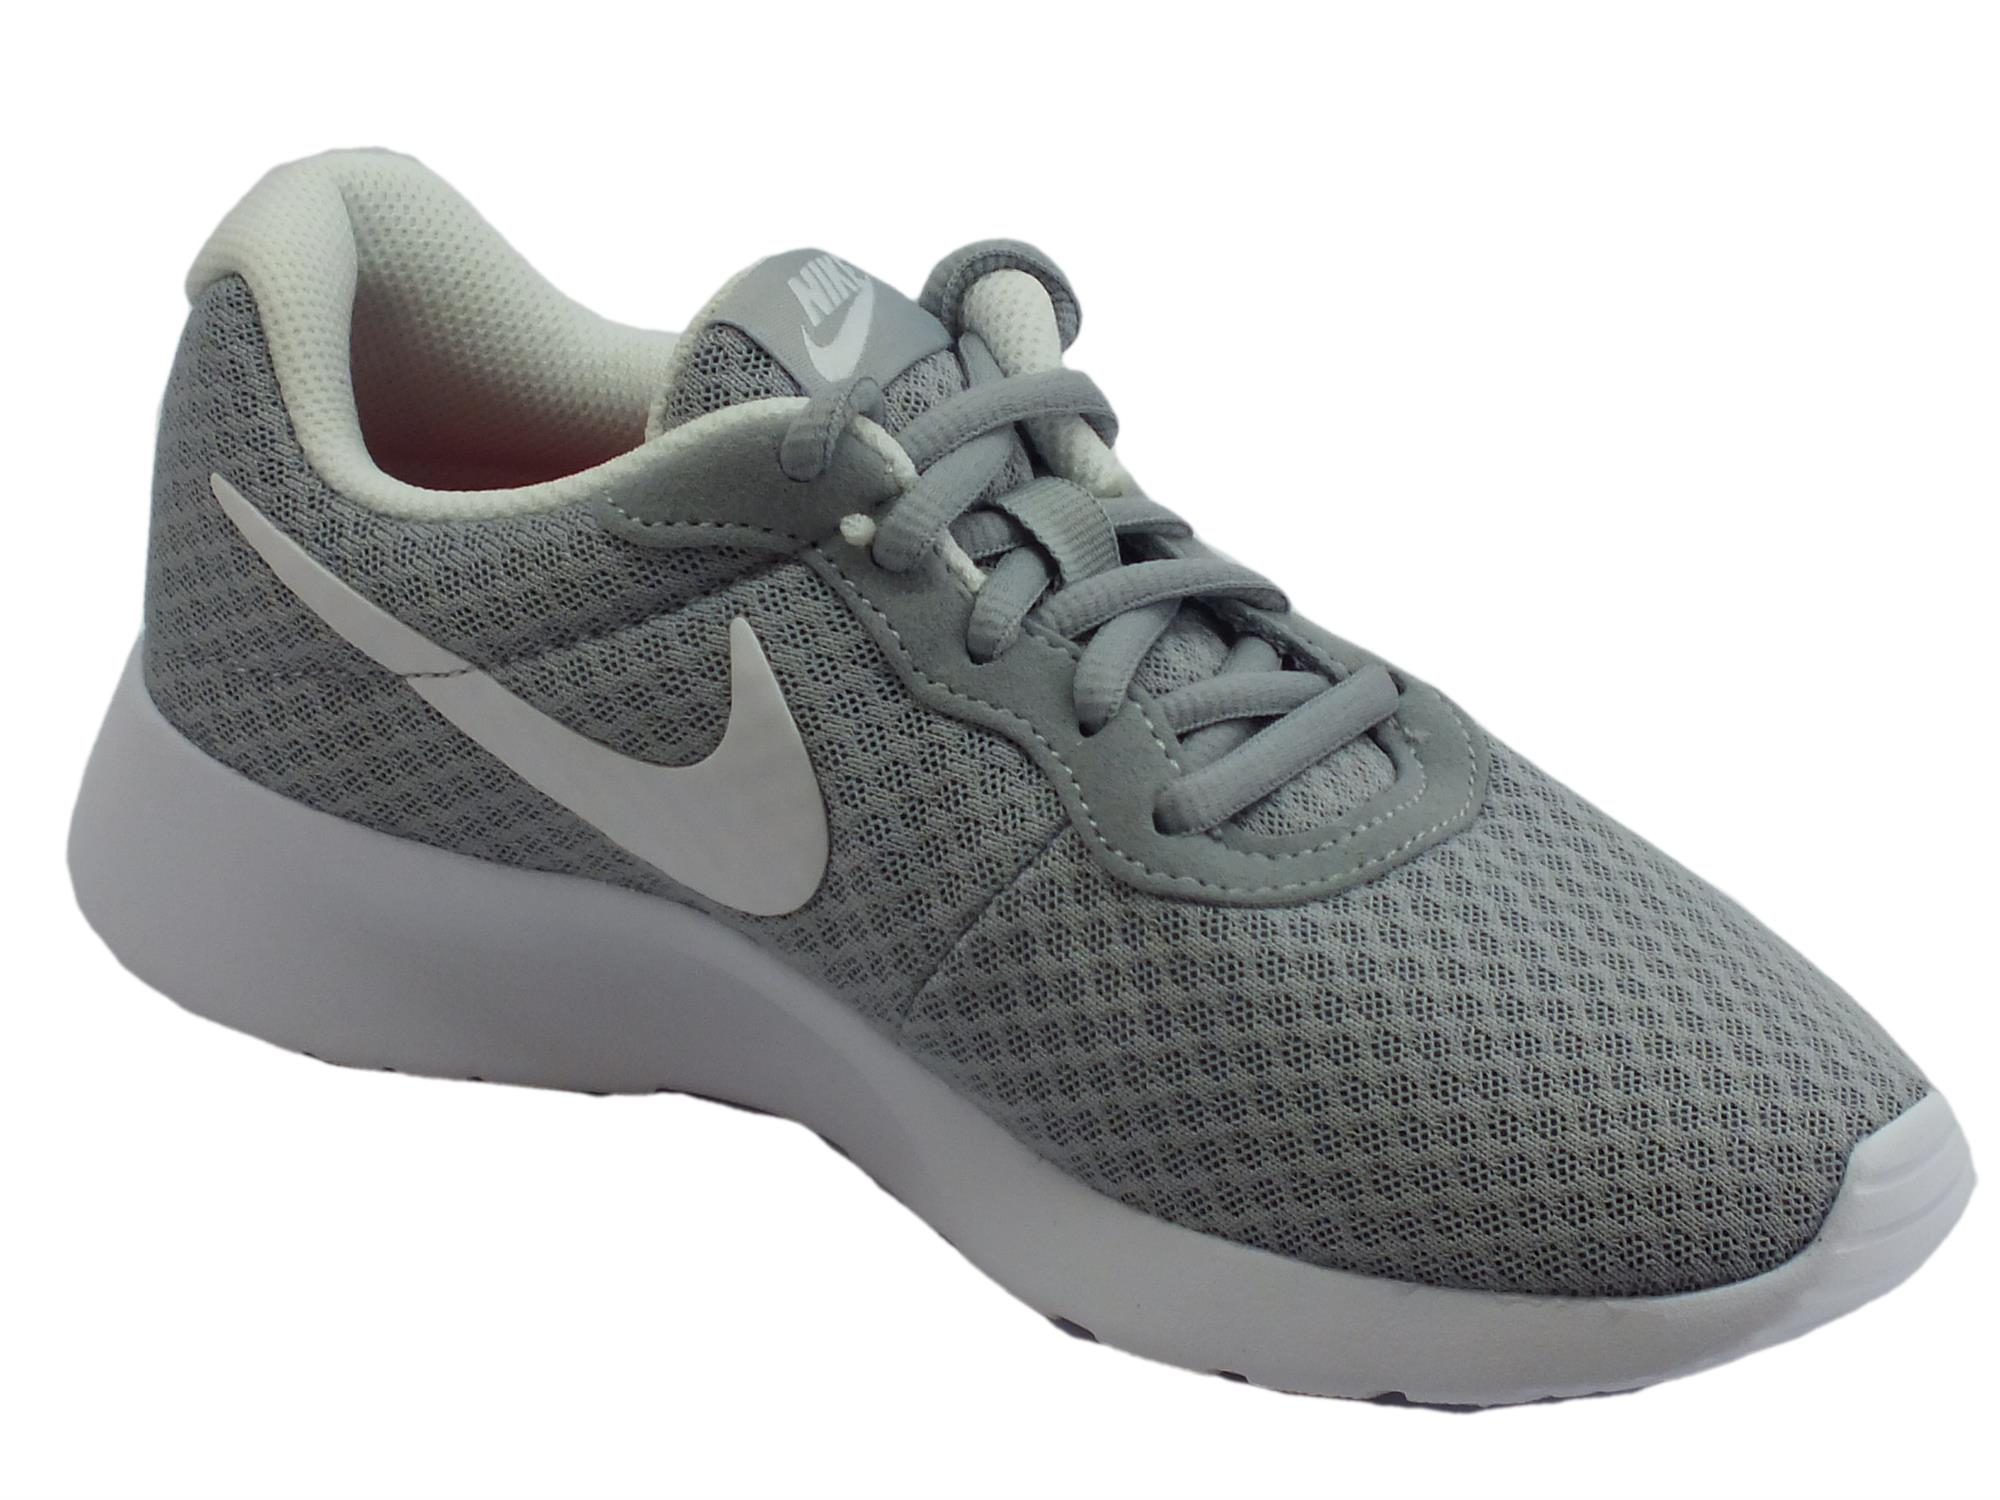 ... Scarpe sportive Wmns Nike Tanjun per donna in tessuto tecnico grigio e  bianco ... 2cd30350fe3